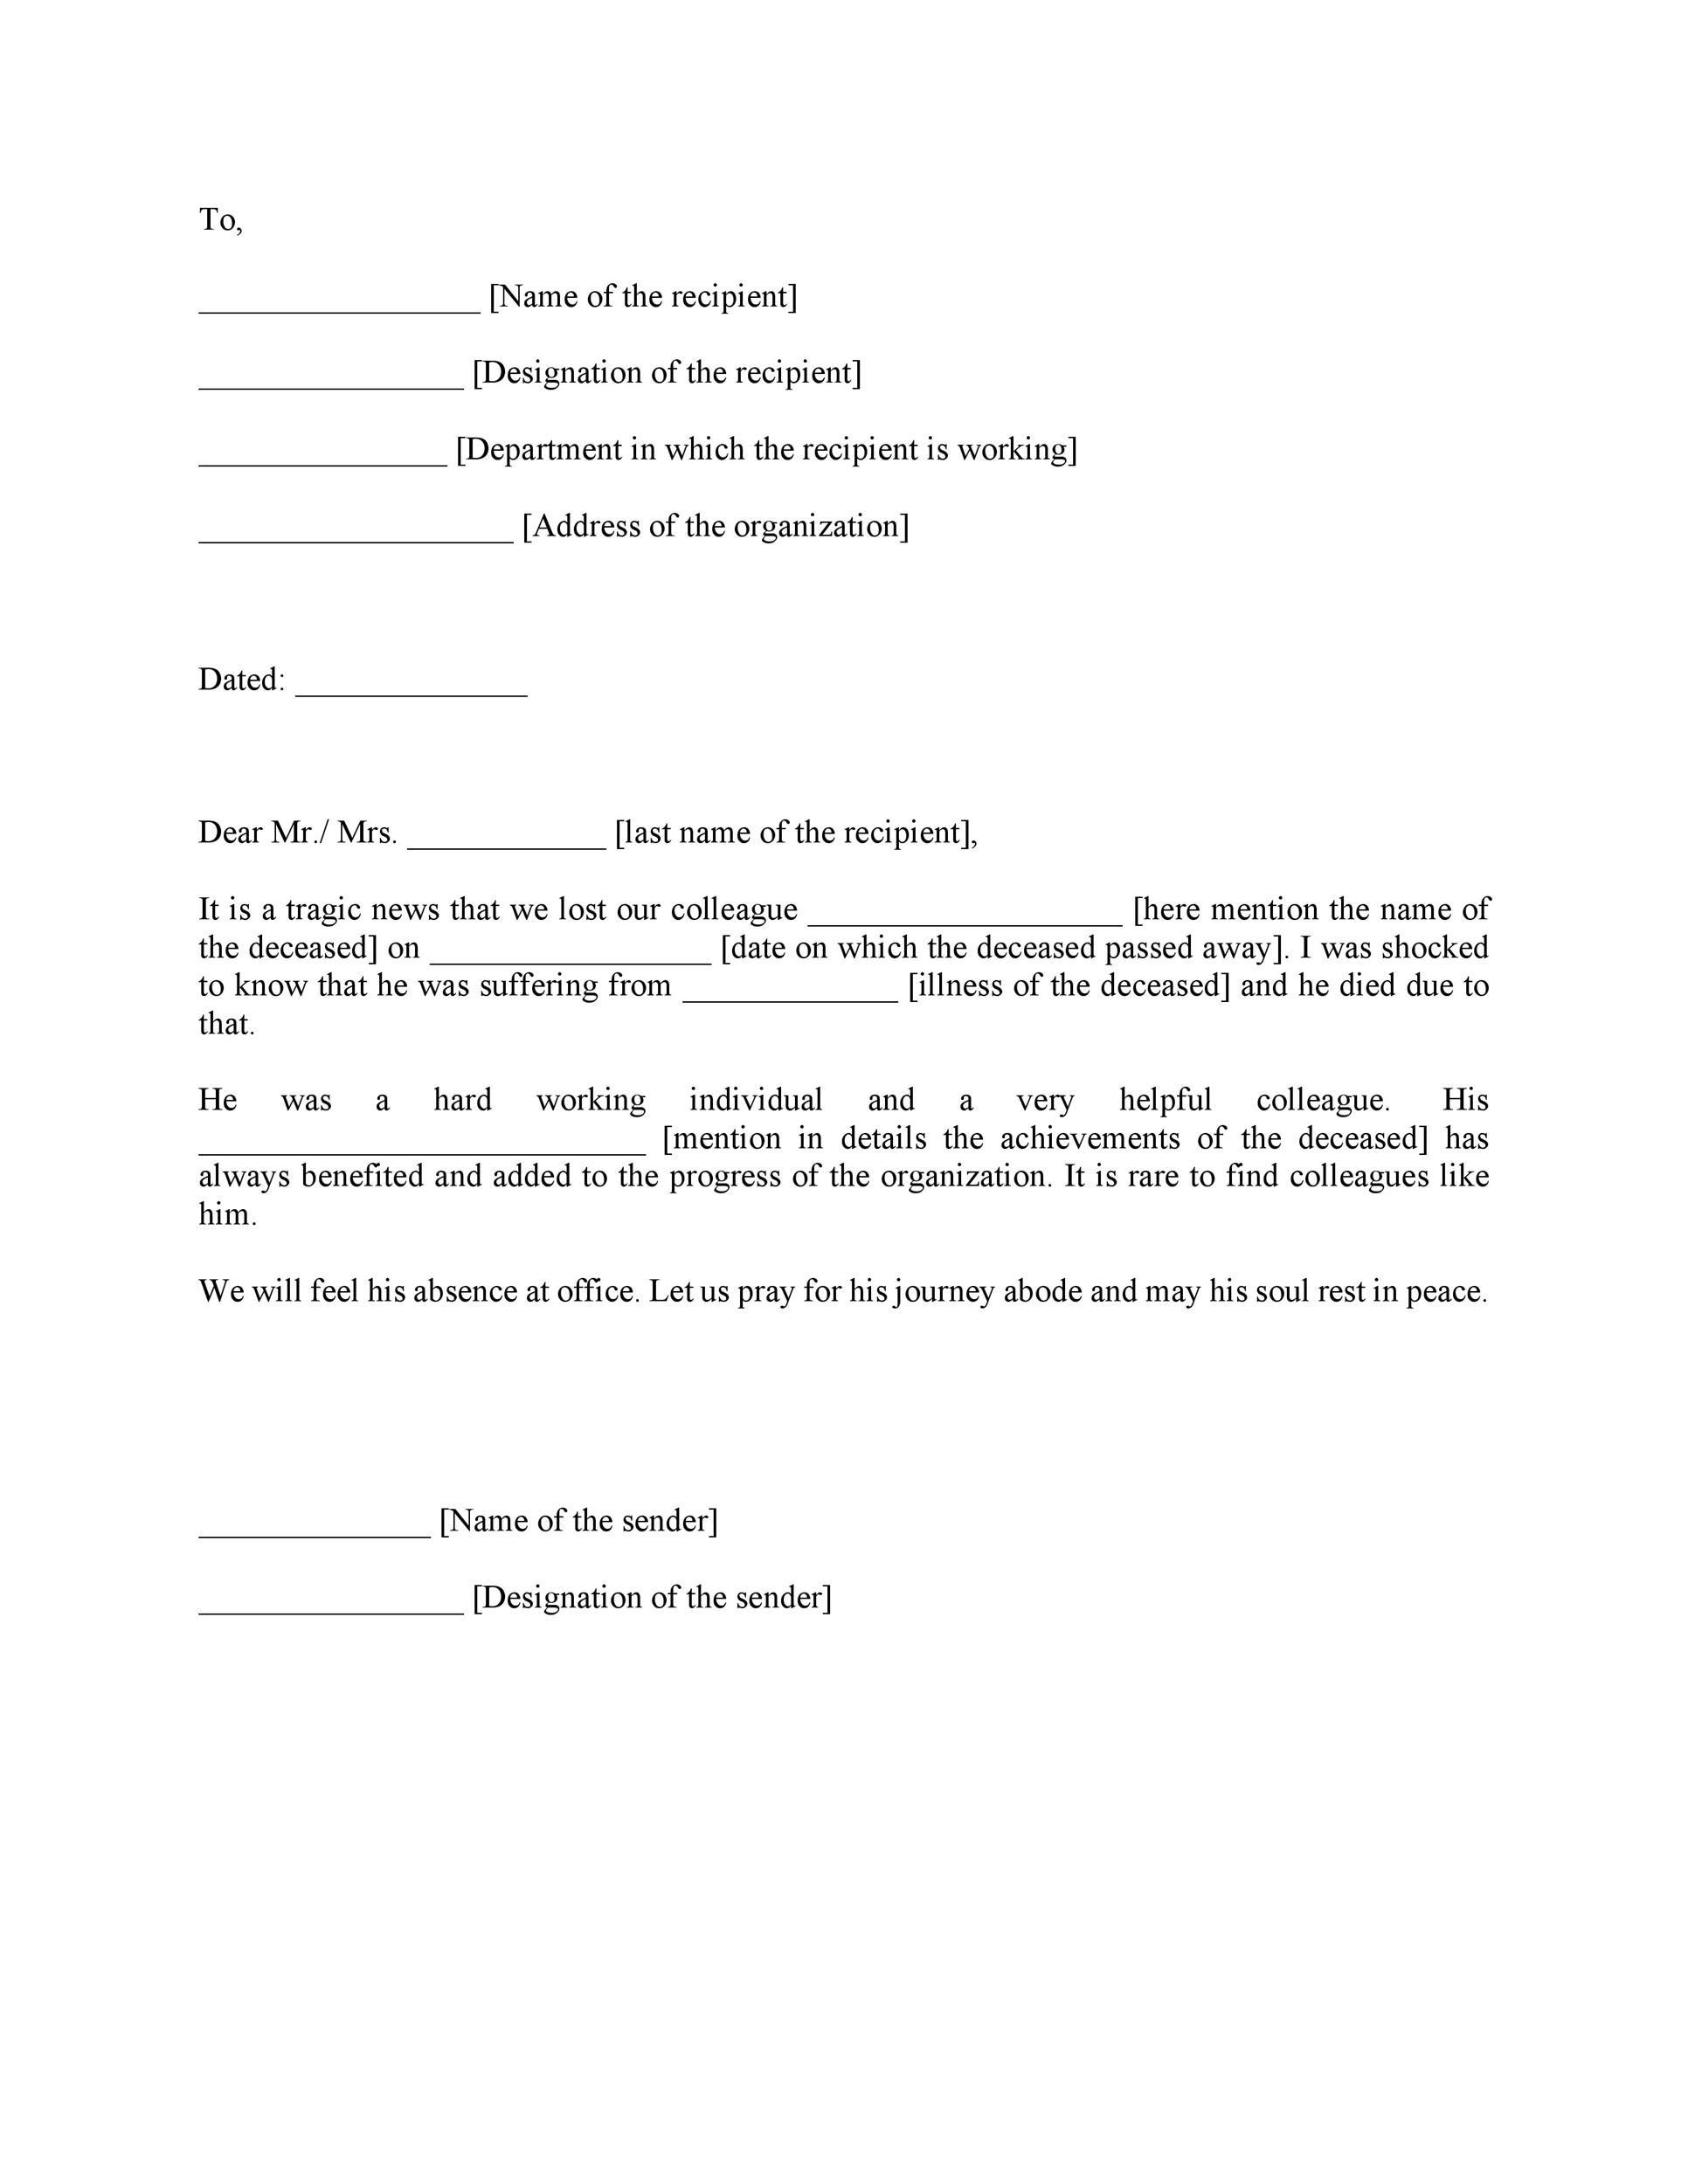 Free condolence letter 05